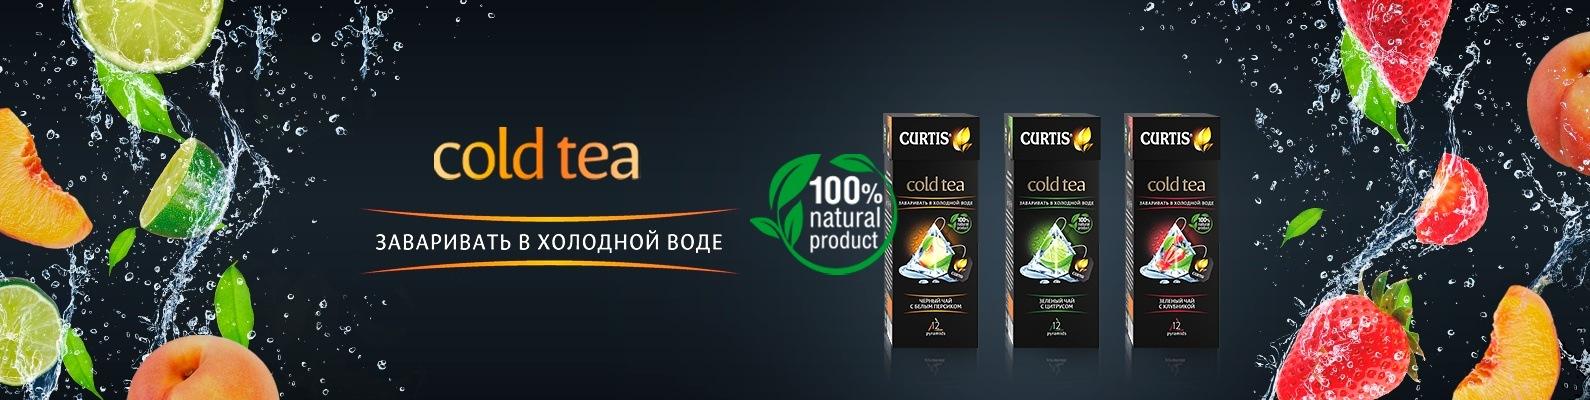 Чай Для Заваривания В Холодной Воде Curtis - описание и основные характеристики